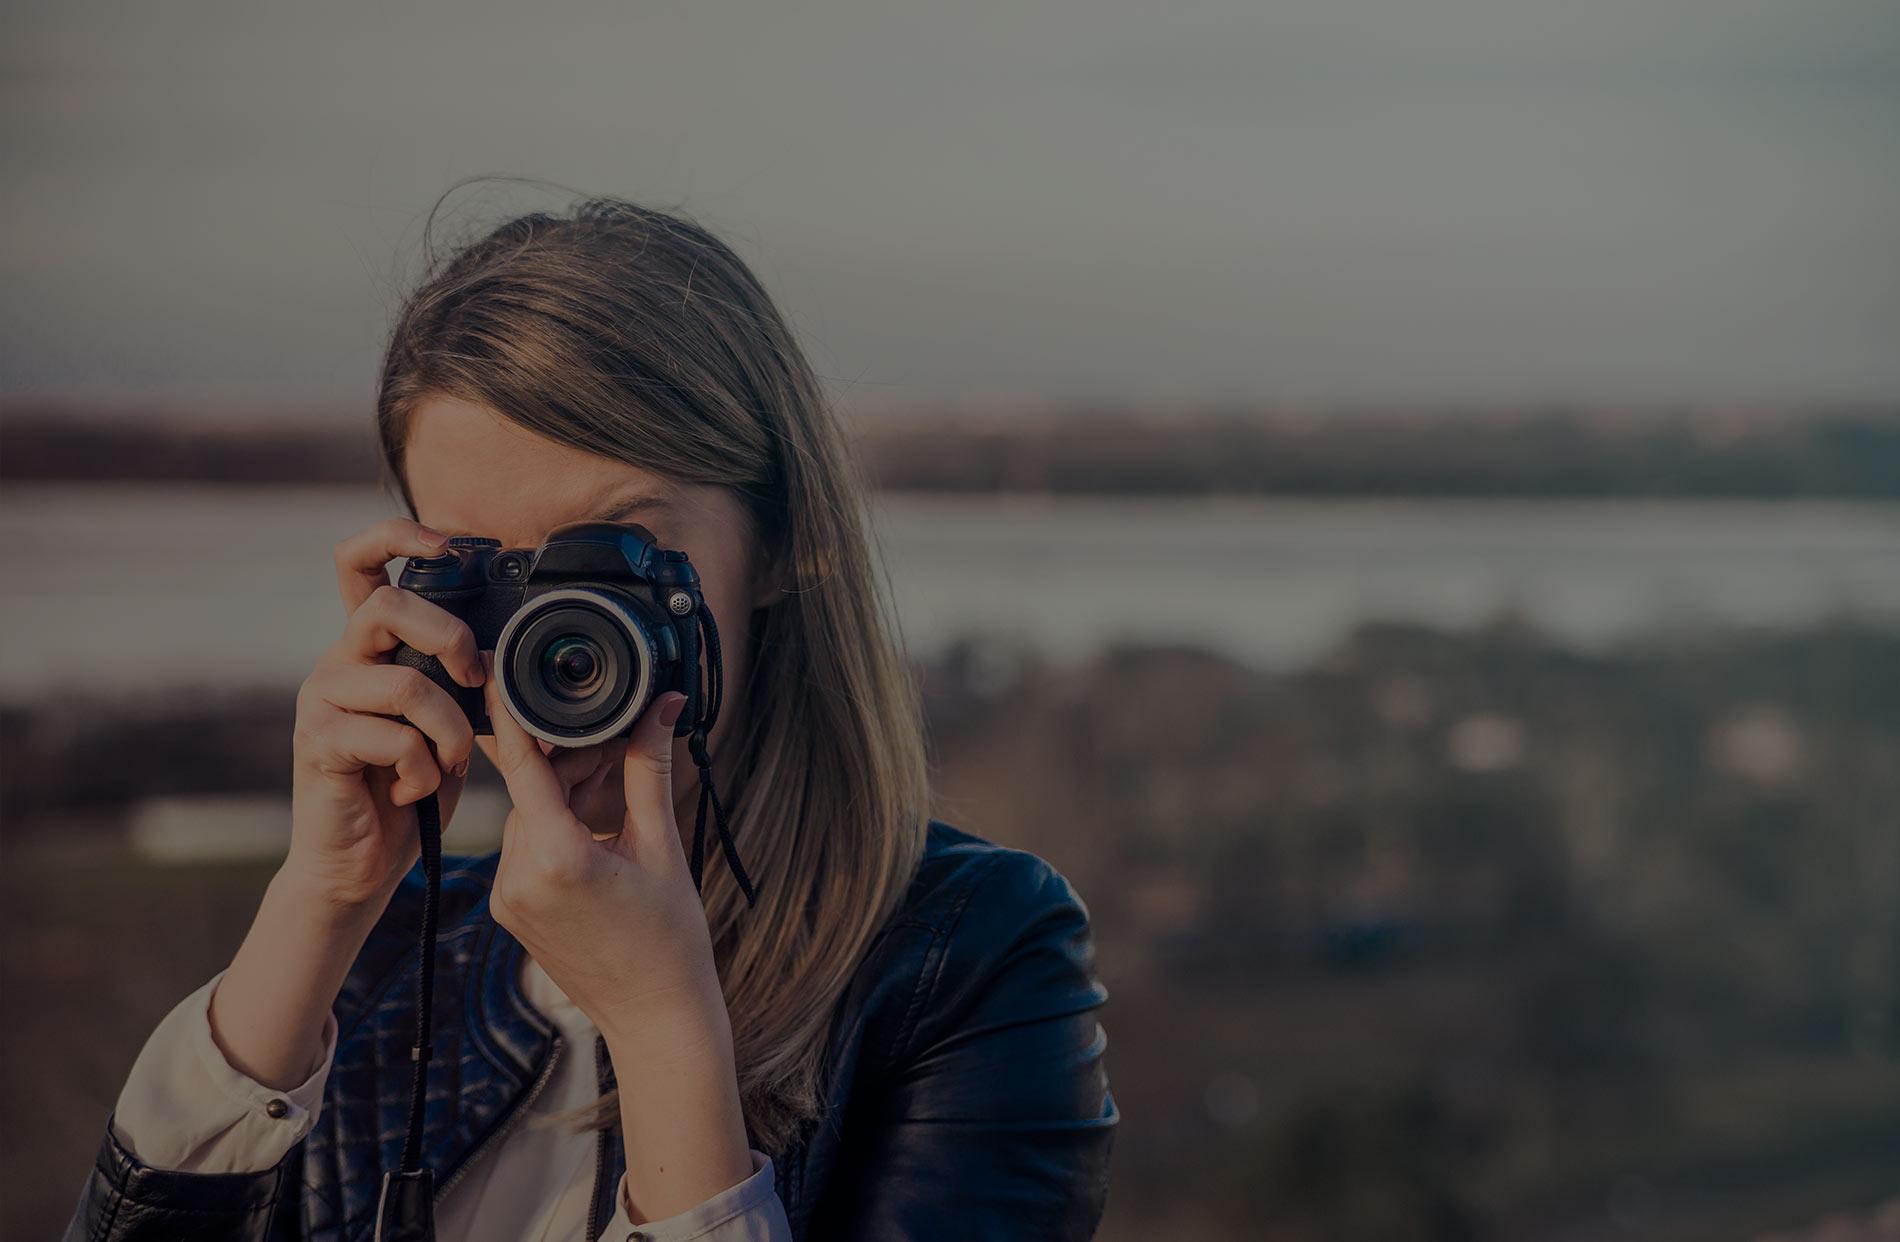 Concurso fotografia Navidad 2019